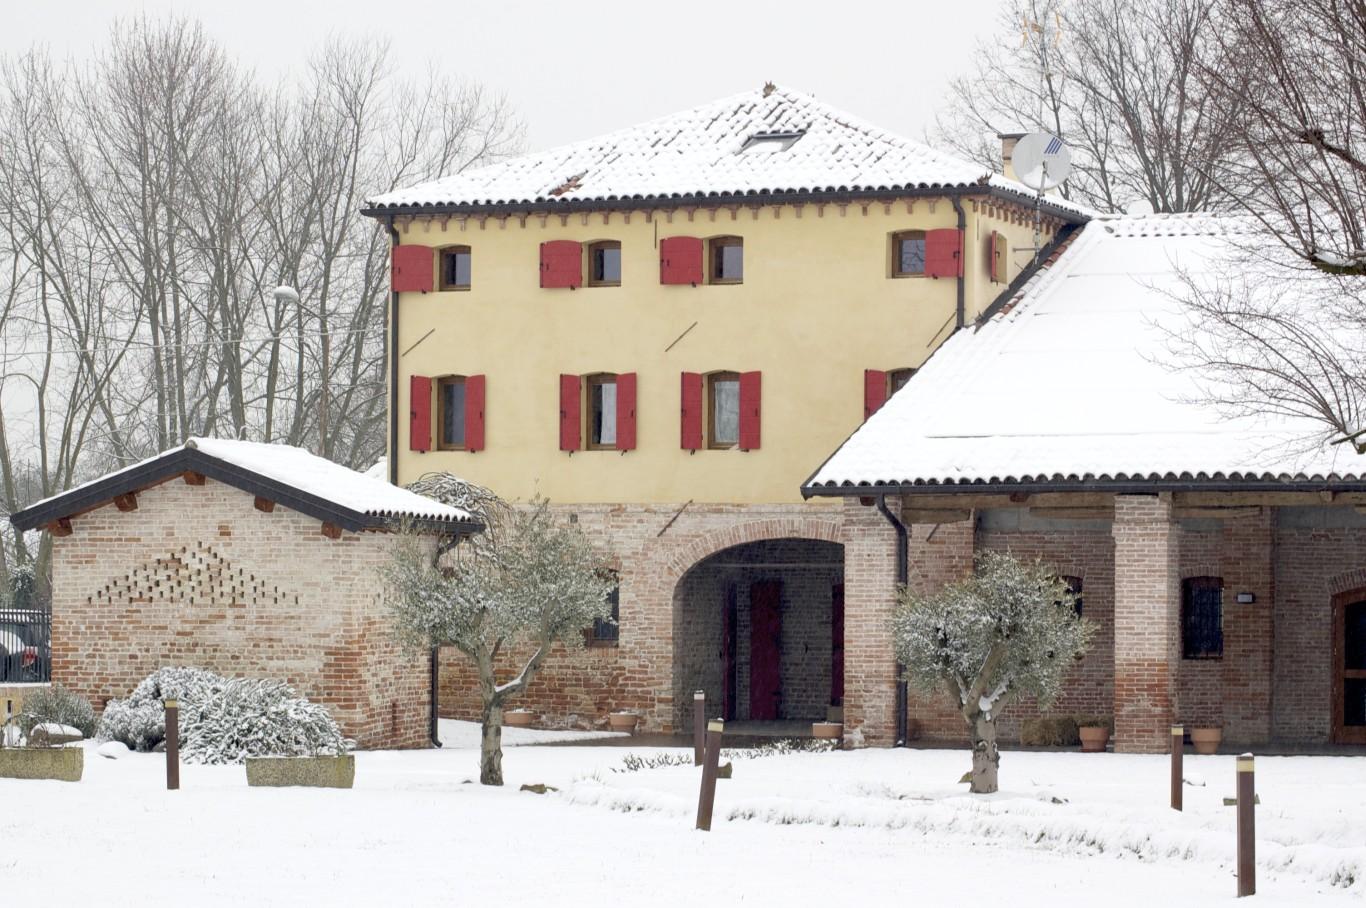 Location Eventi Invernali Veneto3